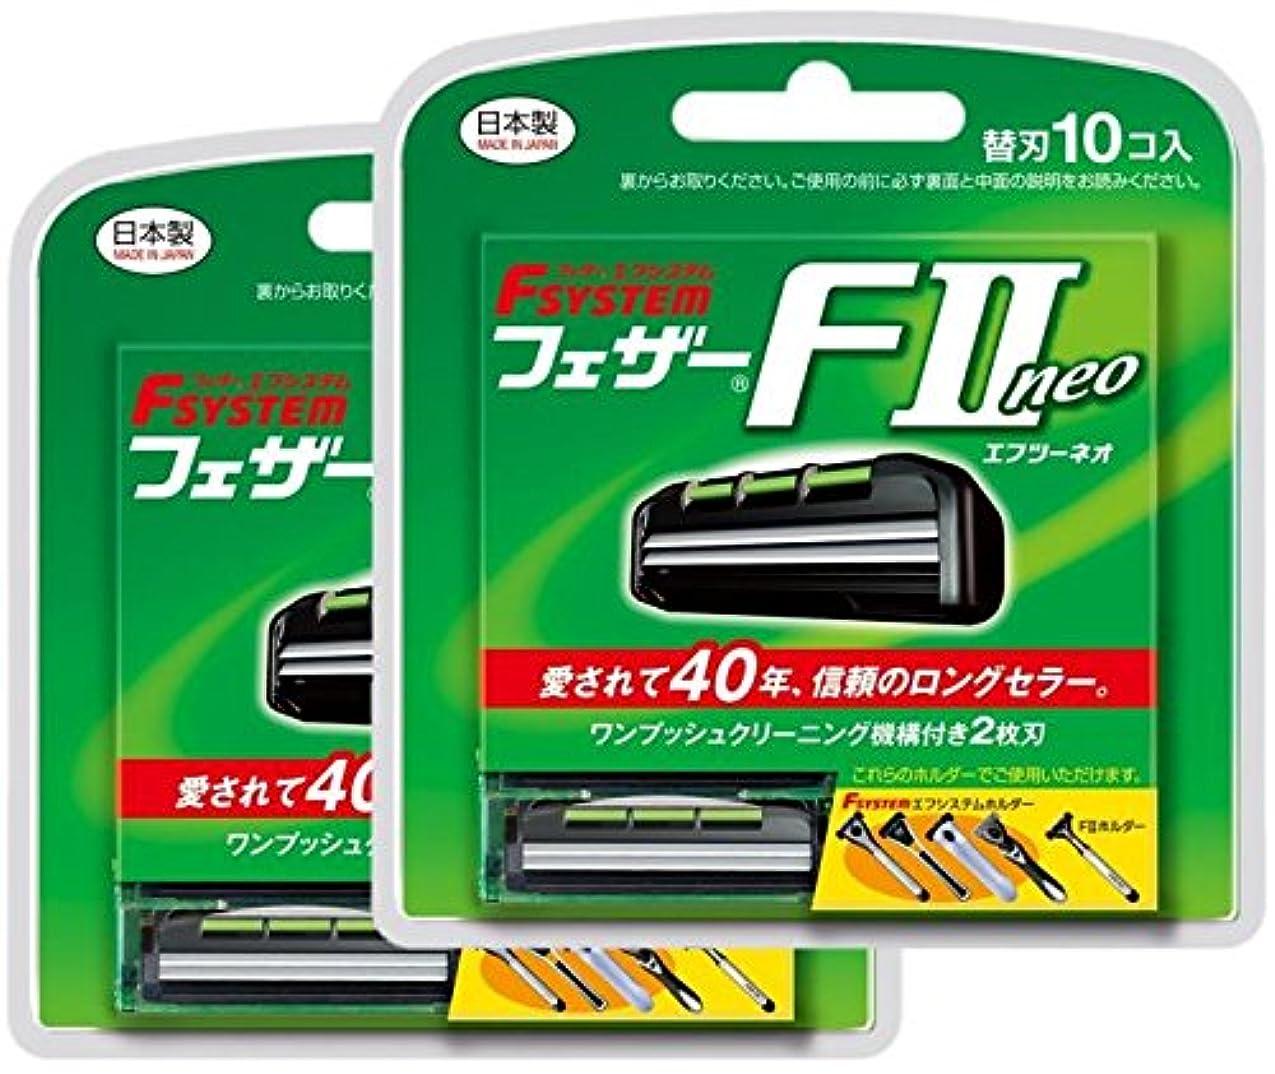 憂鬱な力生きるフェザー エフシステム 替刃 FIIネオ 10コ入×2個セット